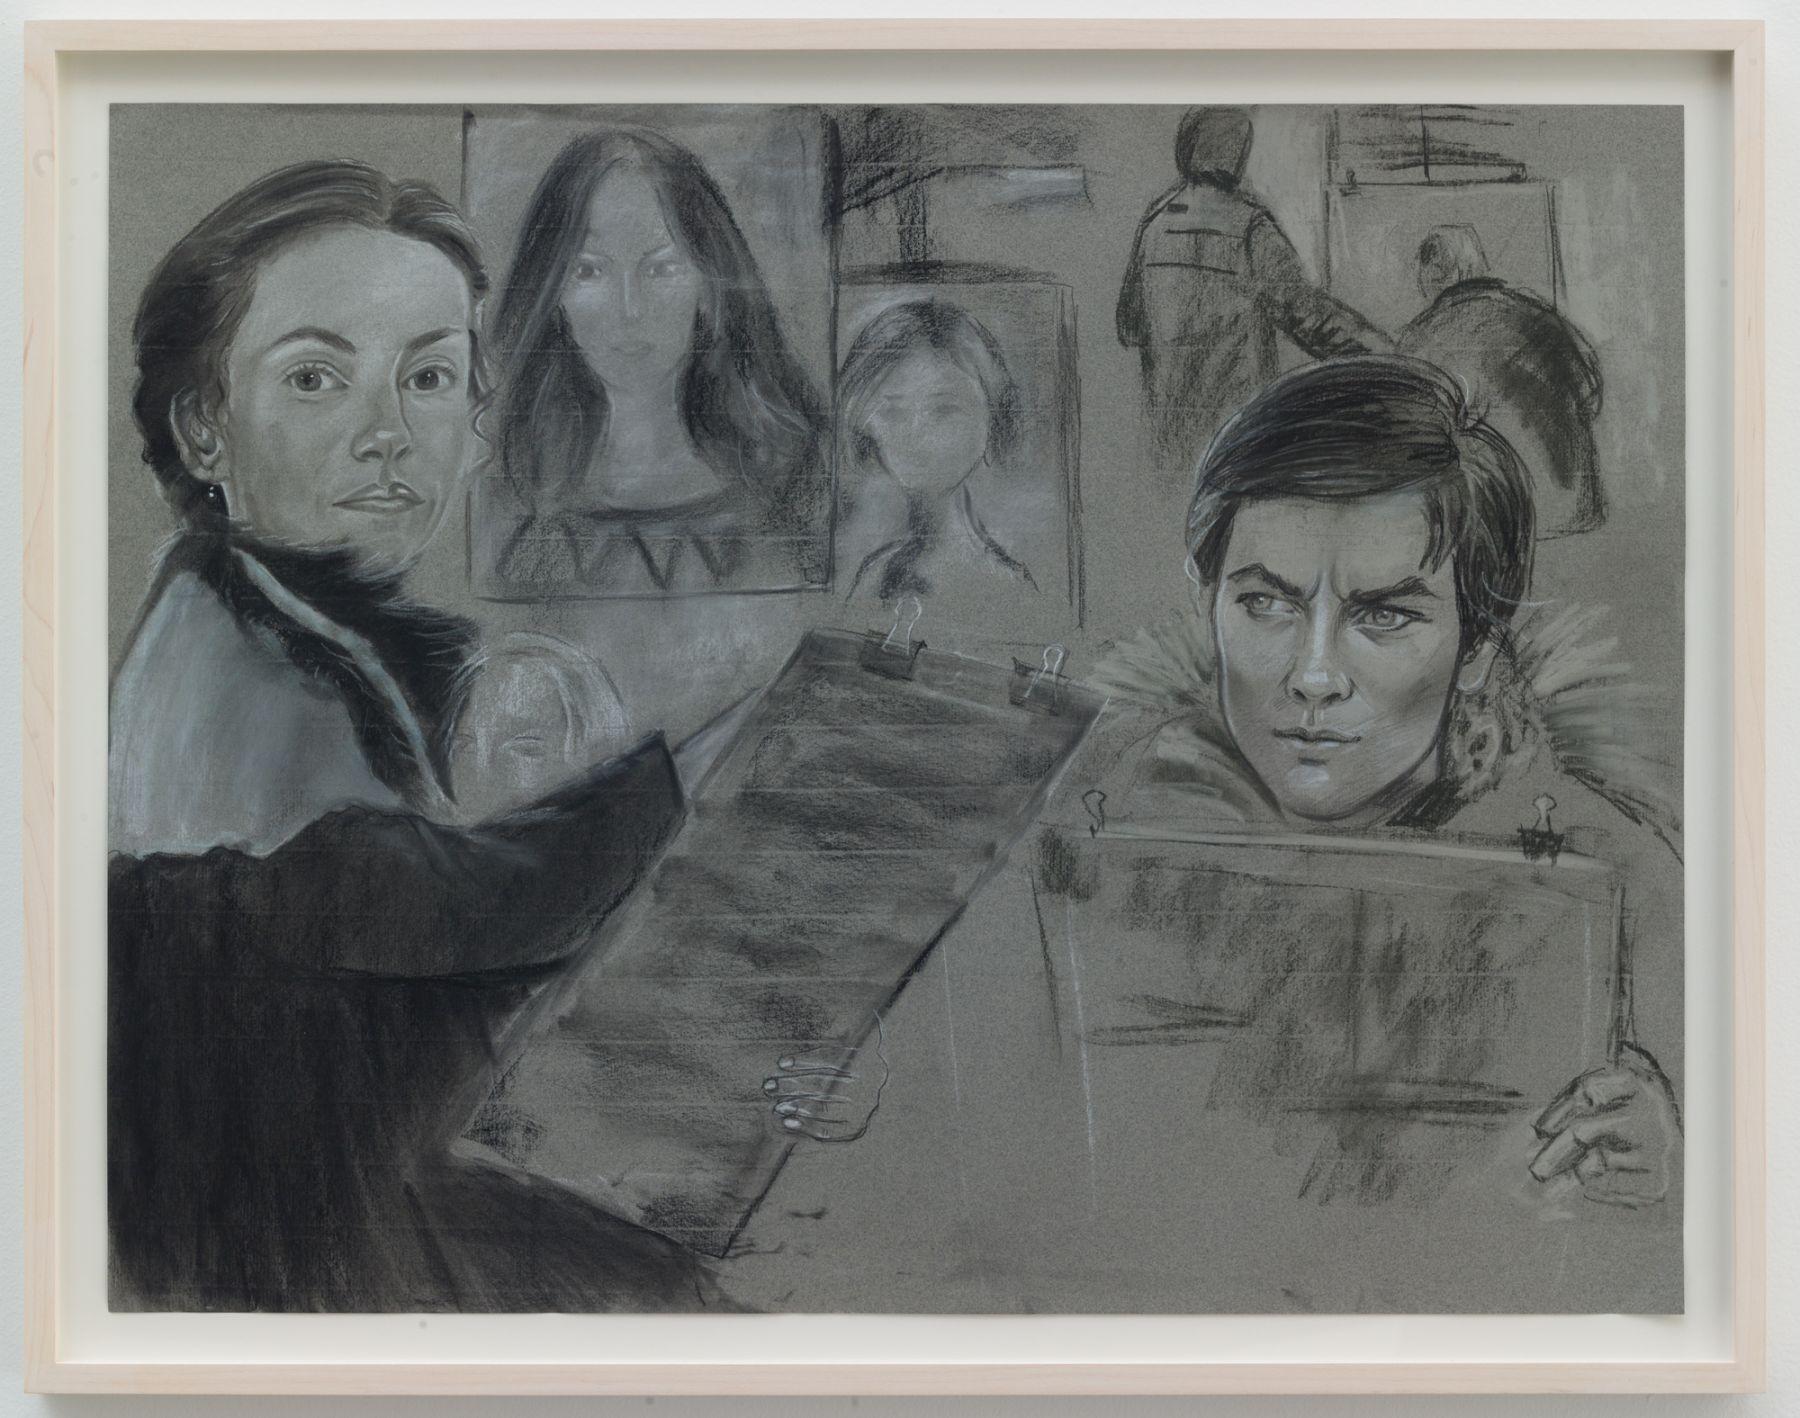 Christian Jankowski, Isabelle Huppert - Alain Delon